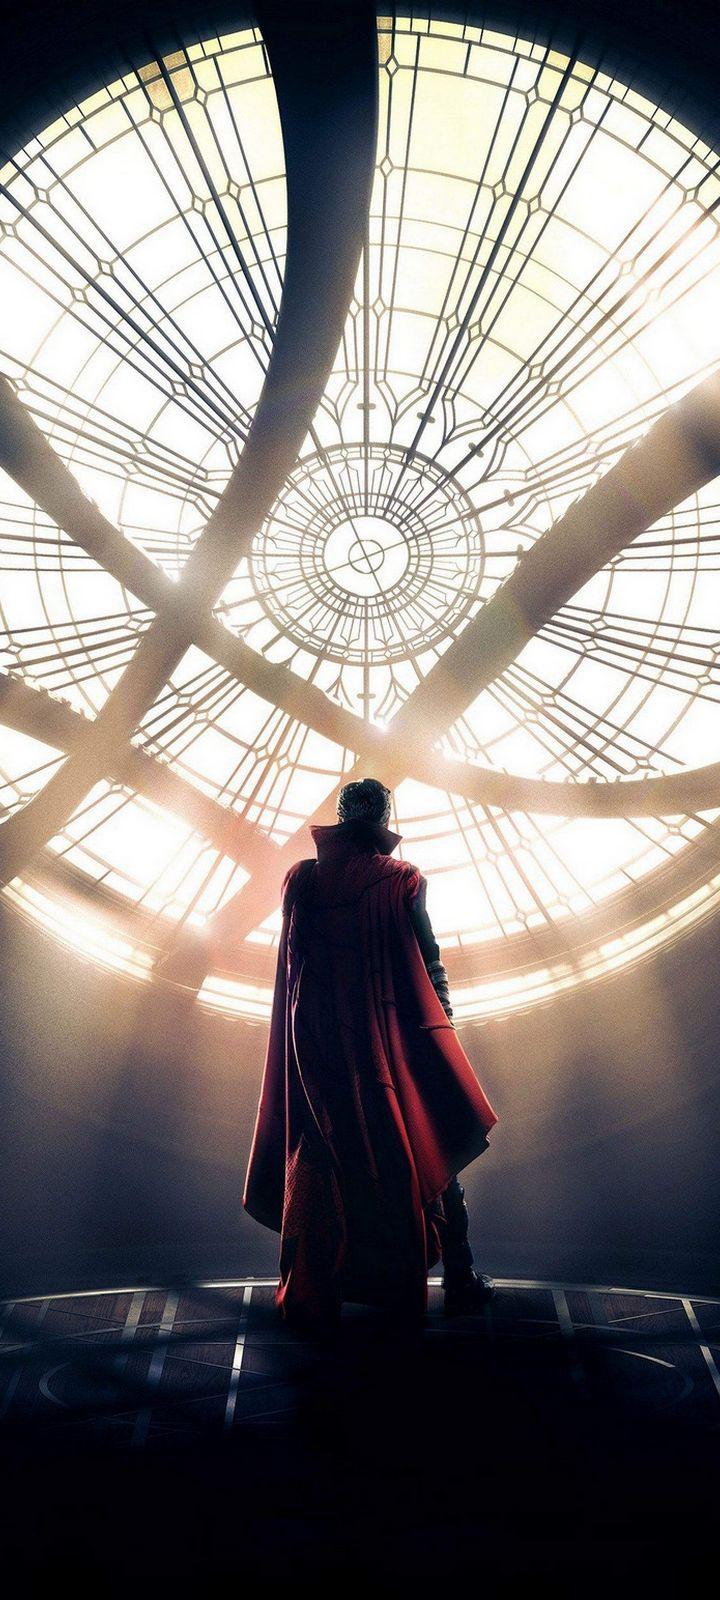 Doctor Strange Superhero Wallpaper 720x1600